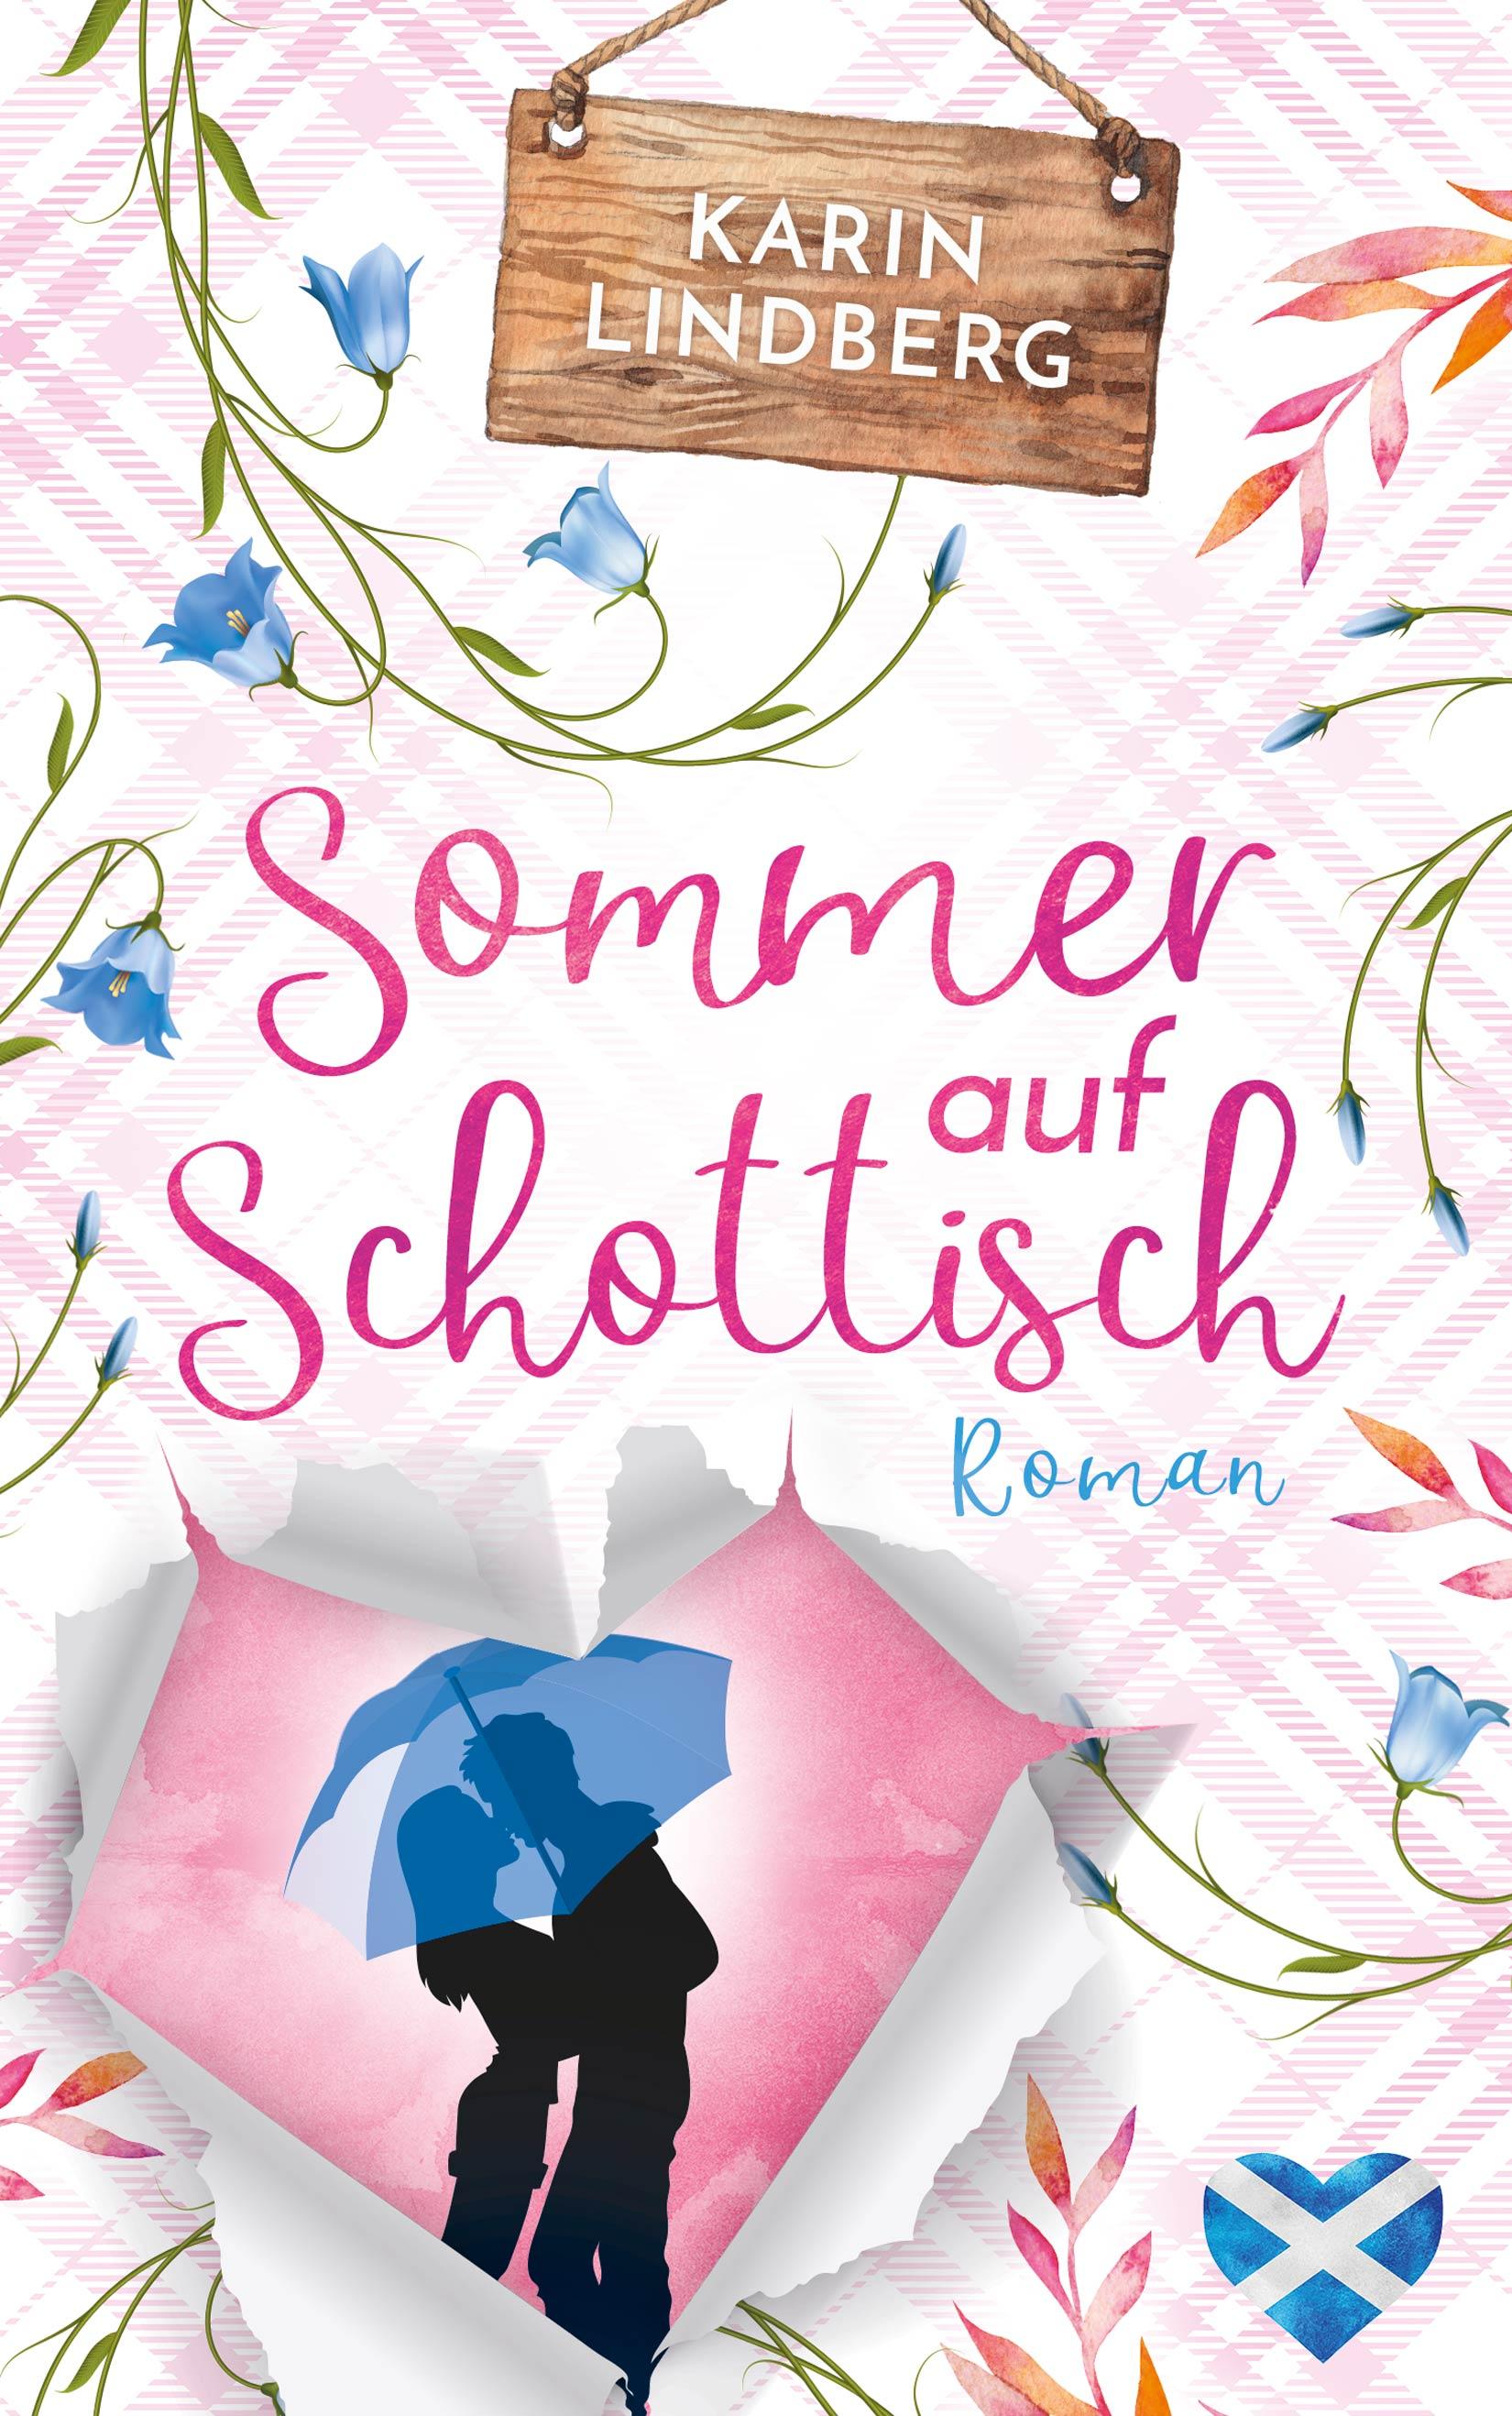 Klein-Sommer-auf-schottisch-ebook-01-CK.jpg